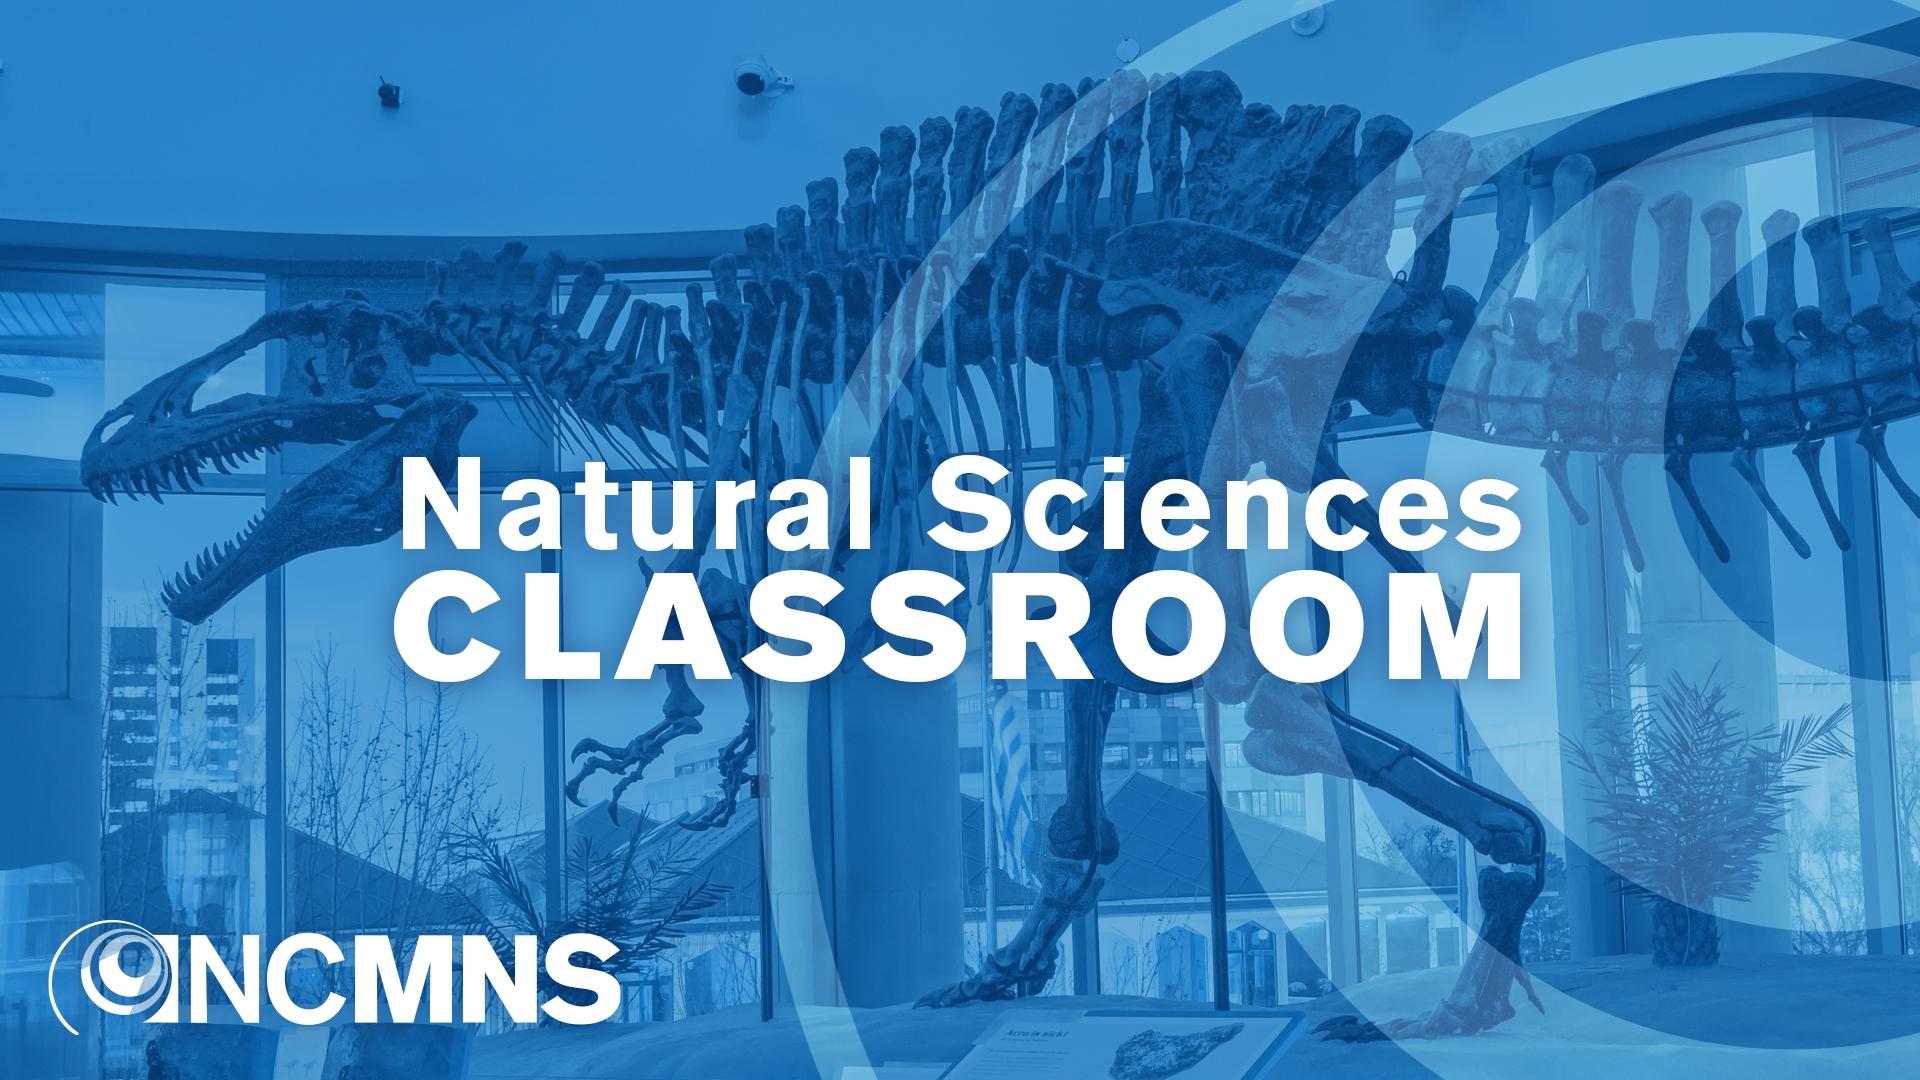 Natural Sciences Classroom